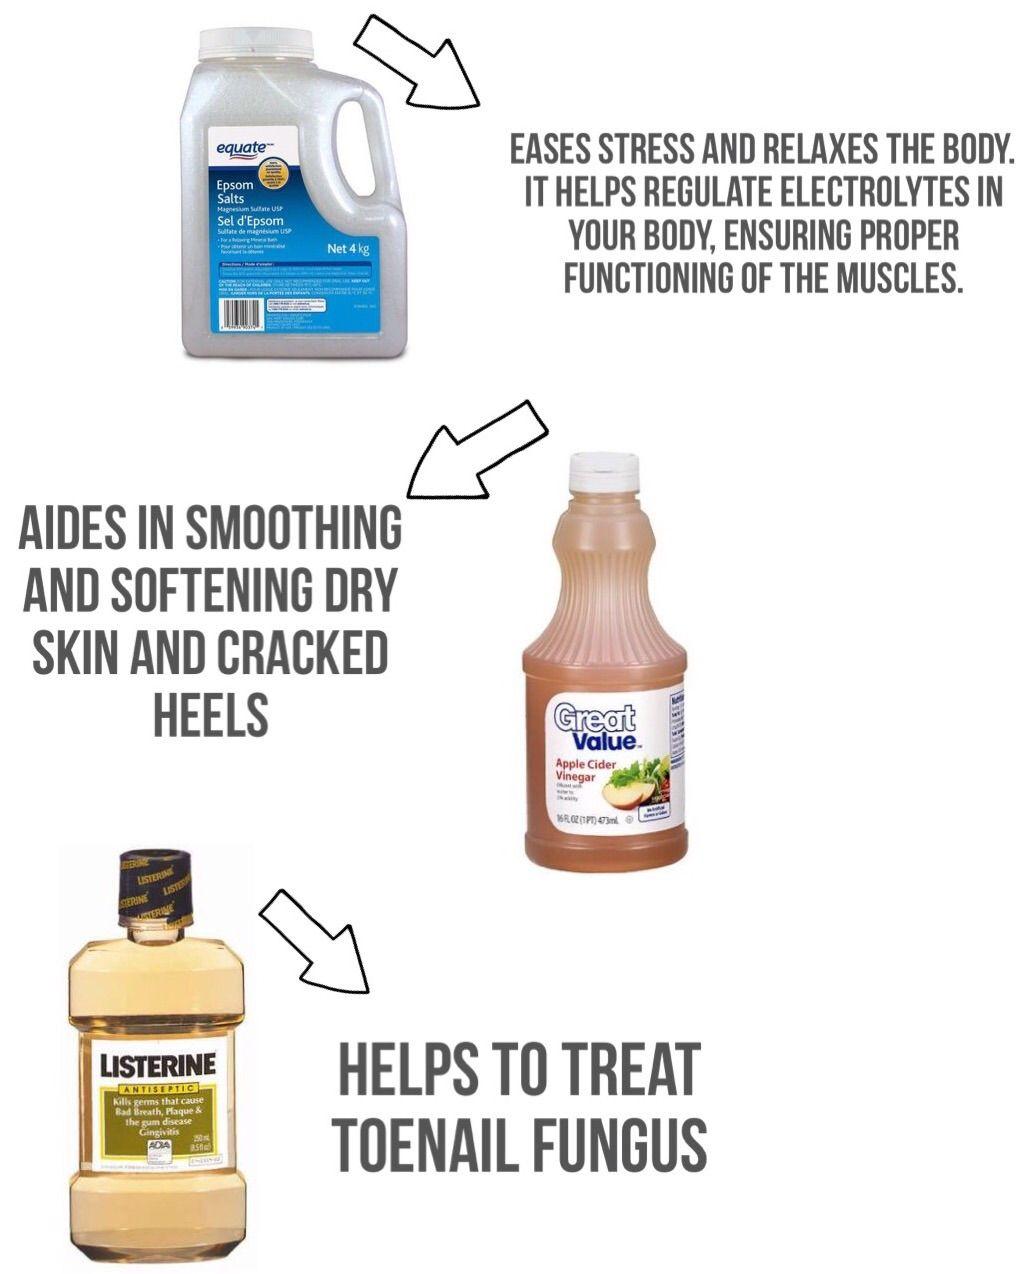 Listerine And Apple Cider Vinegar Foot Soak : listerine, apple, cider, vinegar, Dannielle, Walker, Formally, CRAFTS, PROJECTS, Mouthwash, Soak,, Vinegar